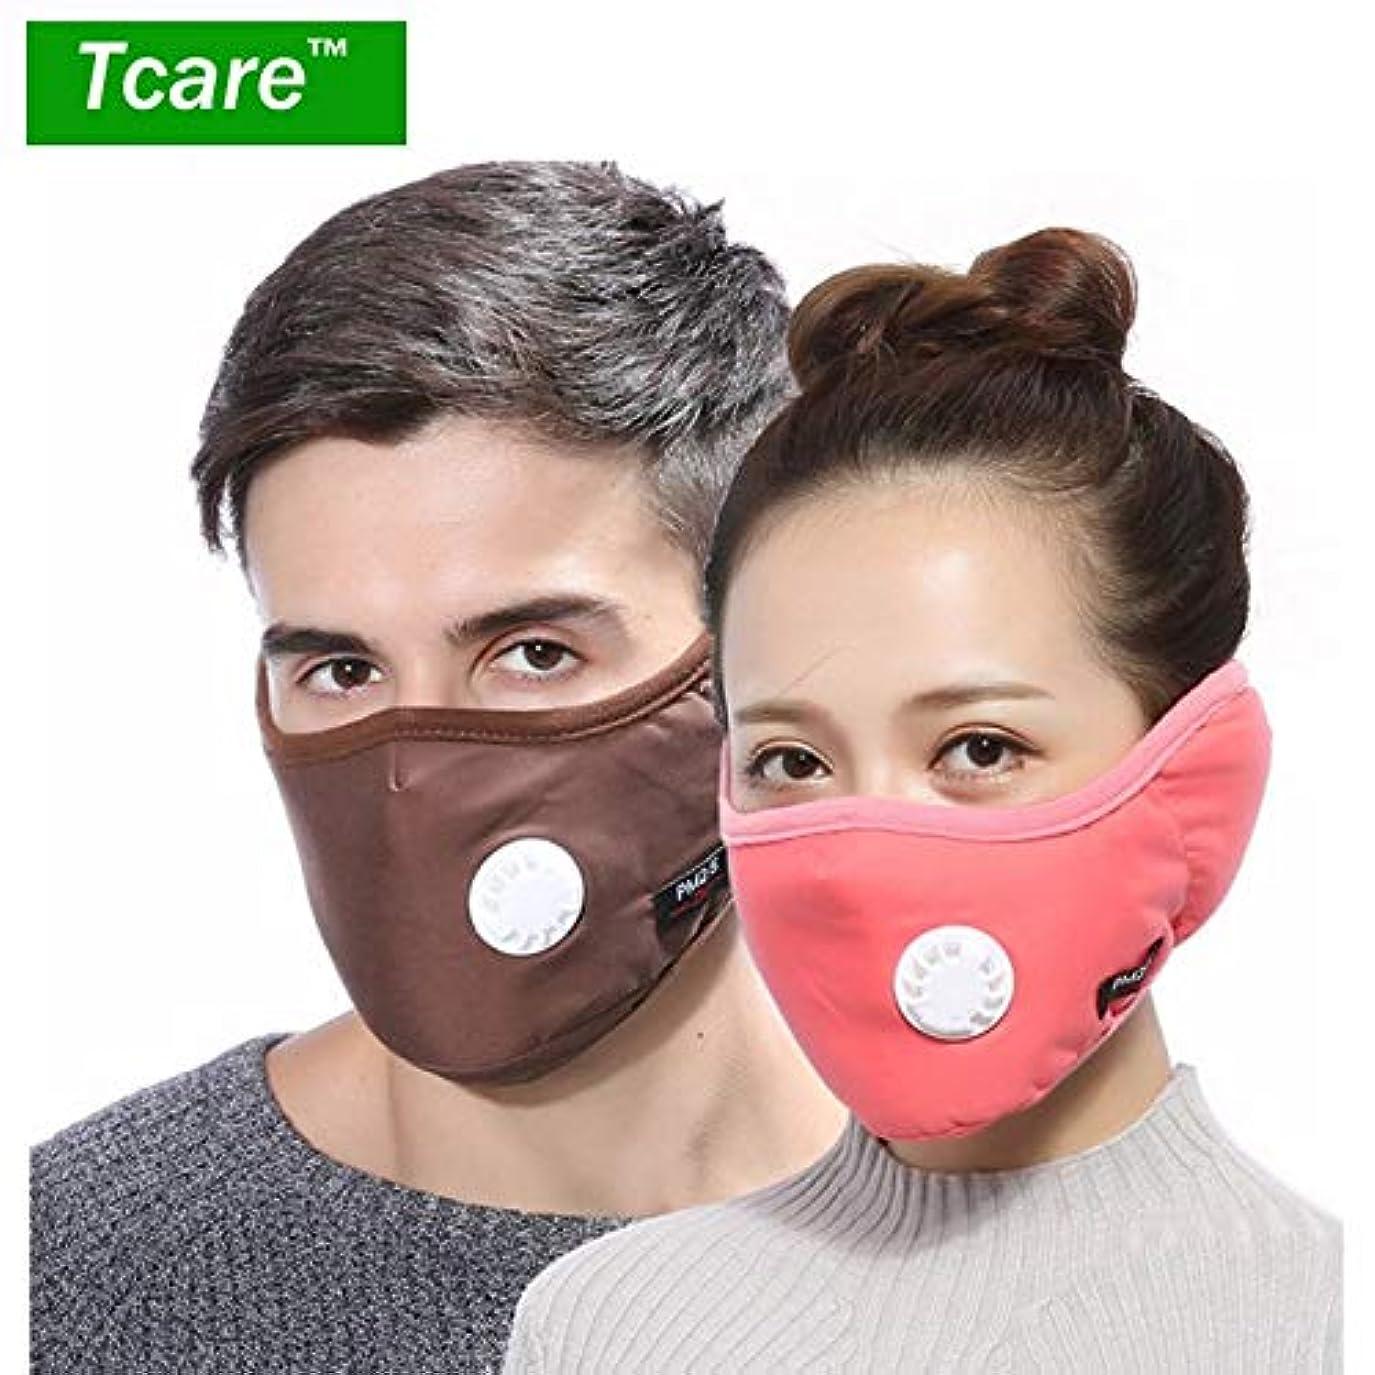 アクロバット砂真向こう8ダークピンク:1 PM2.5マスクバルブコットンアンチダスト口マスクの冬のイヤーマフActtedフィルター付マスクでTcare 2